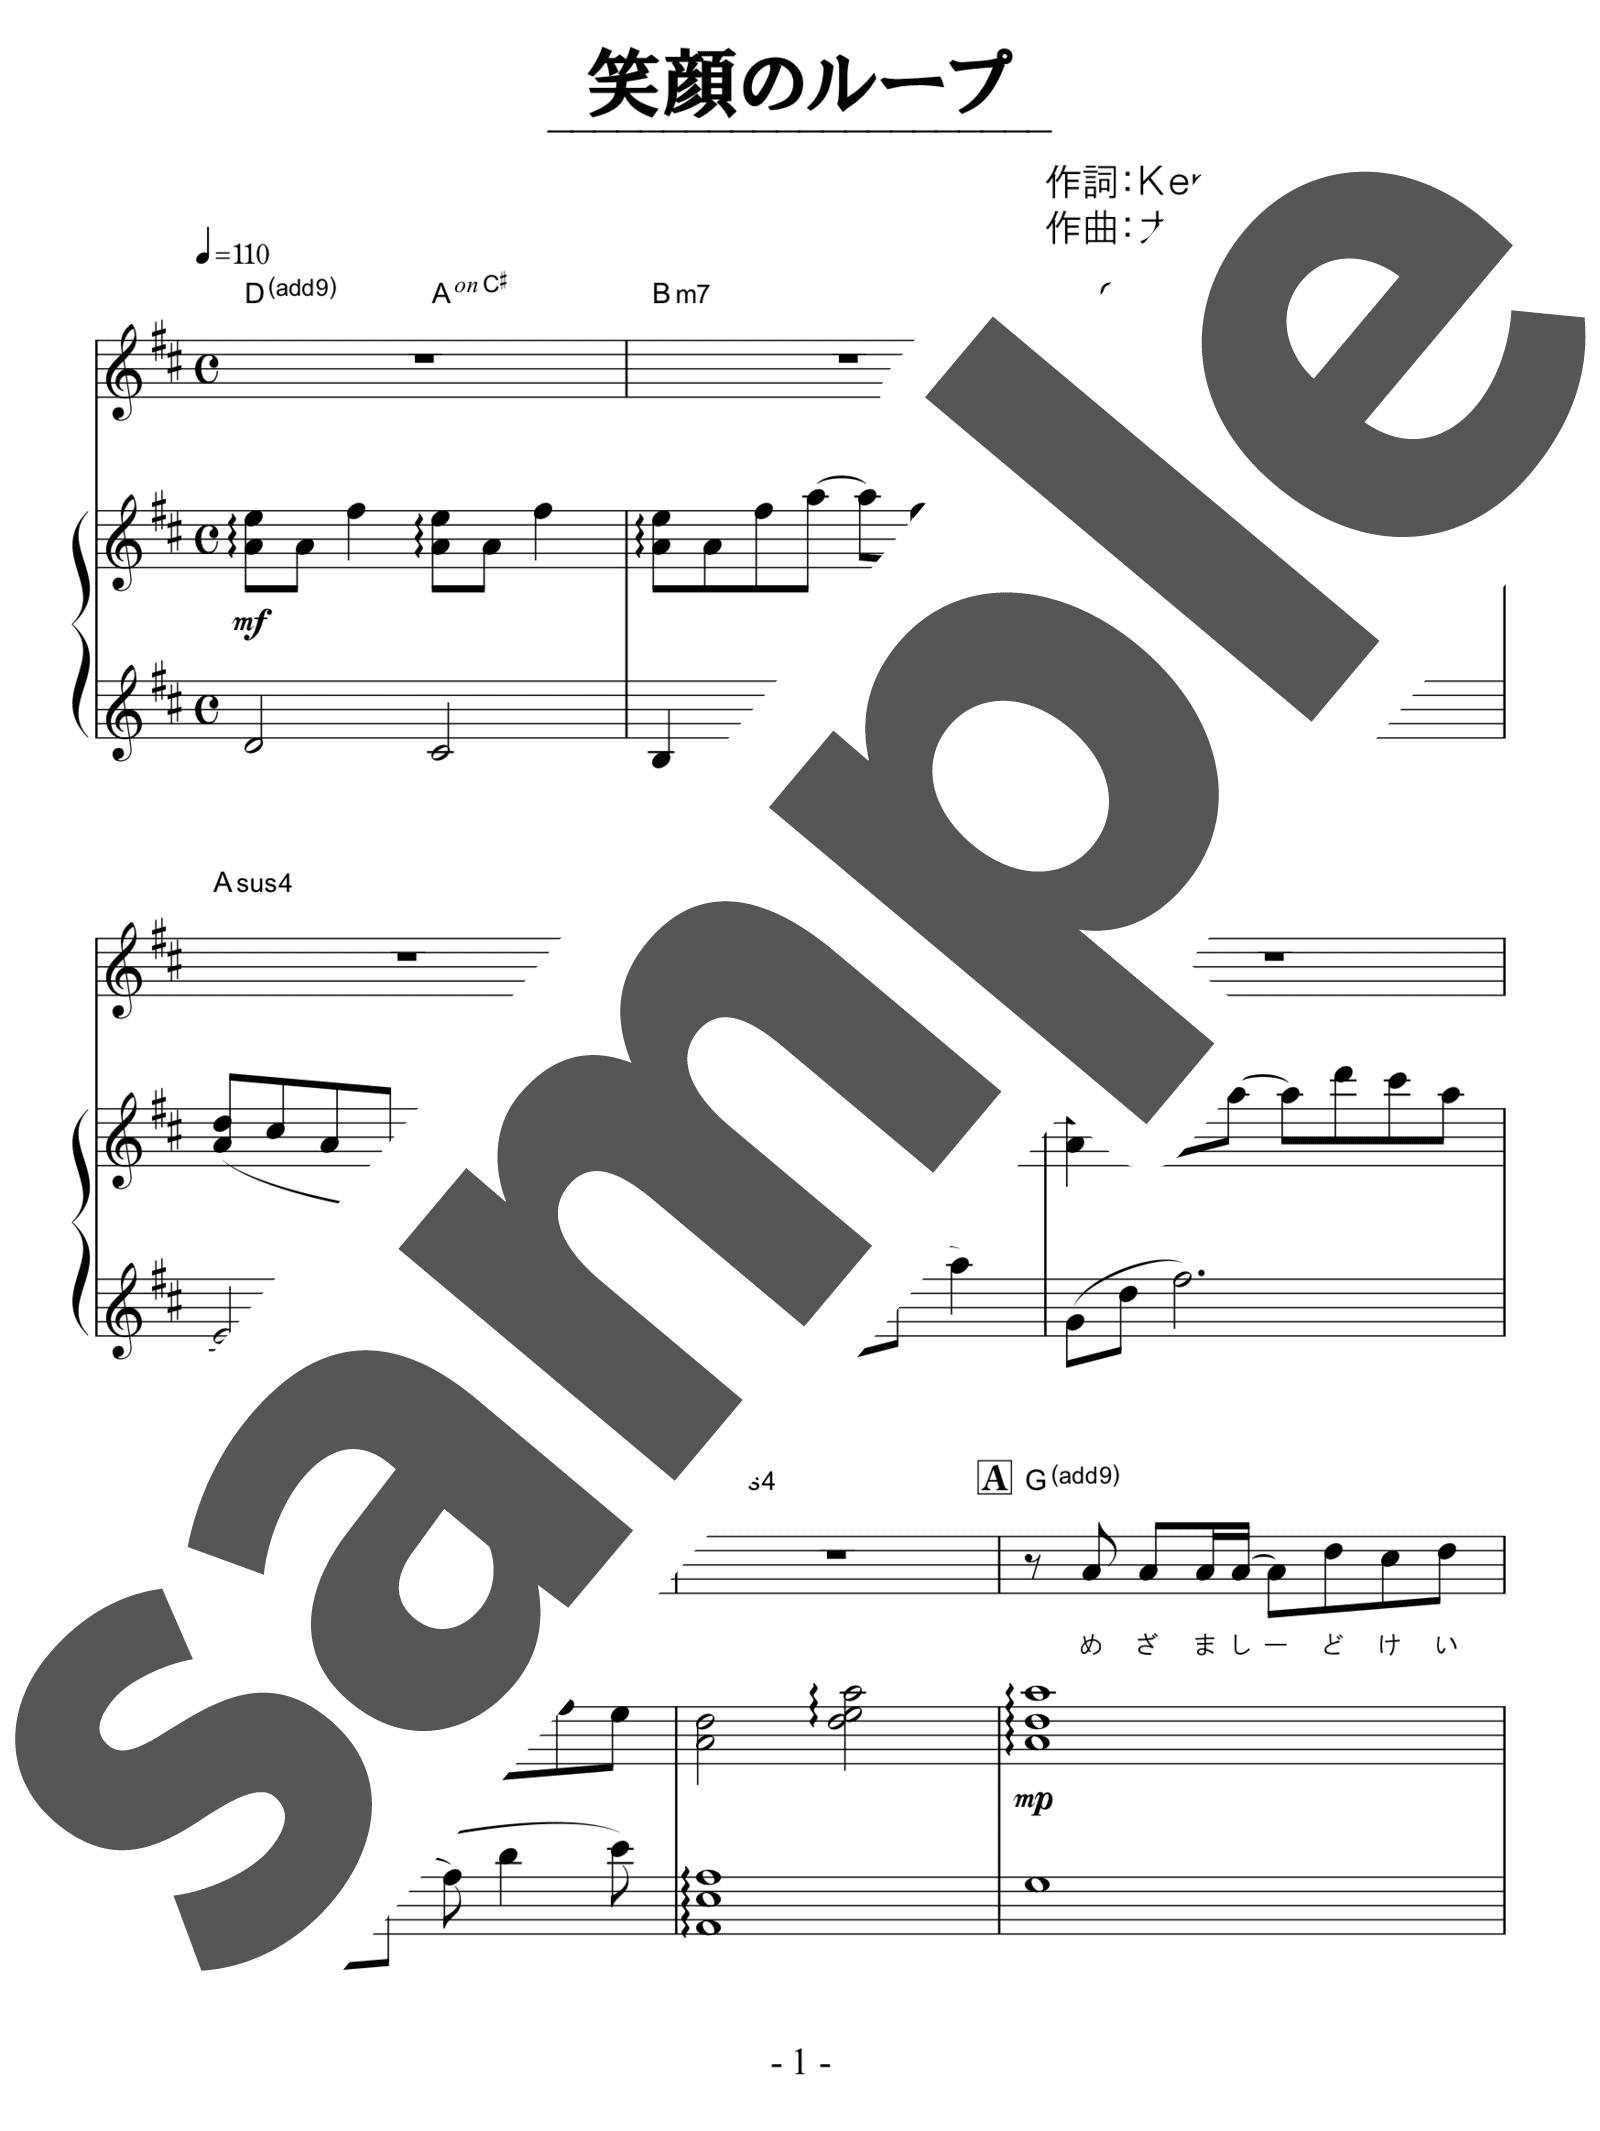 「笑顔のループ」のサンプル楽譜